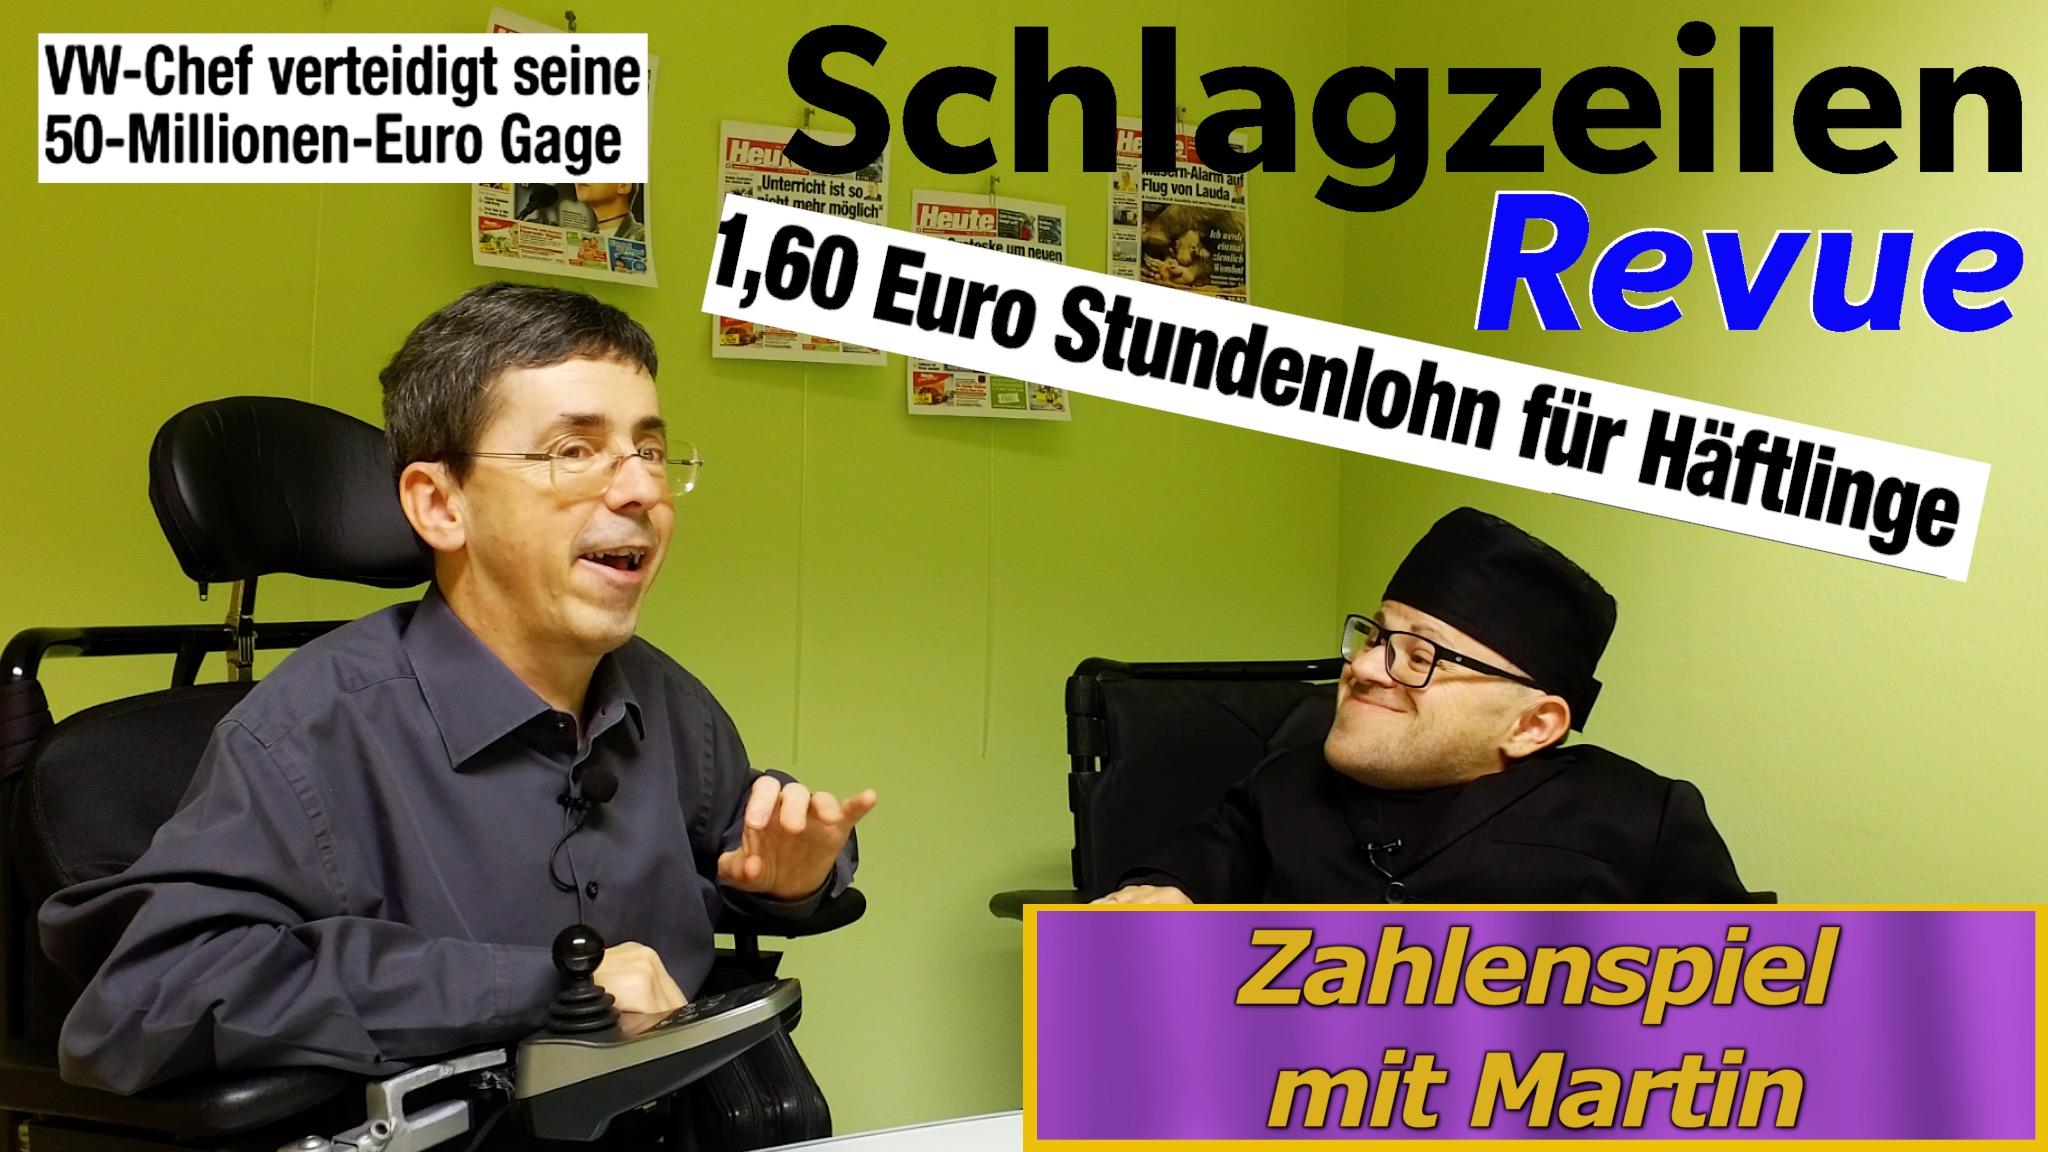 Sondersendung zur 50 Millionen Euro Gage